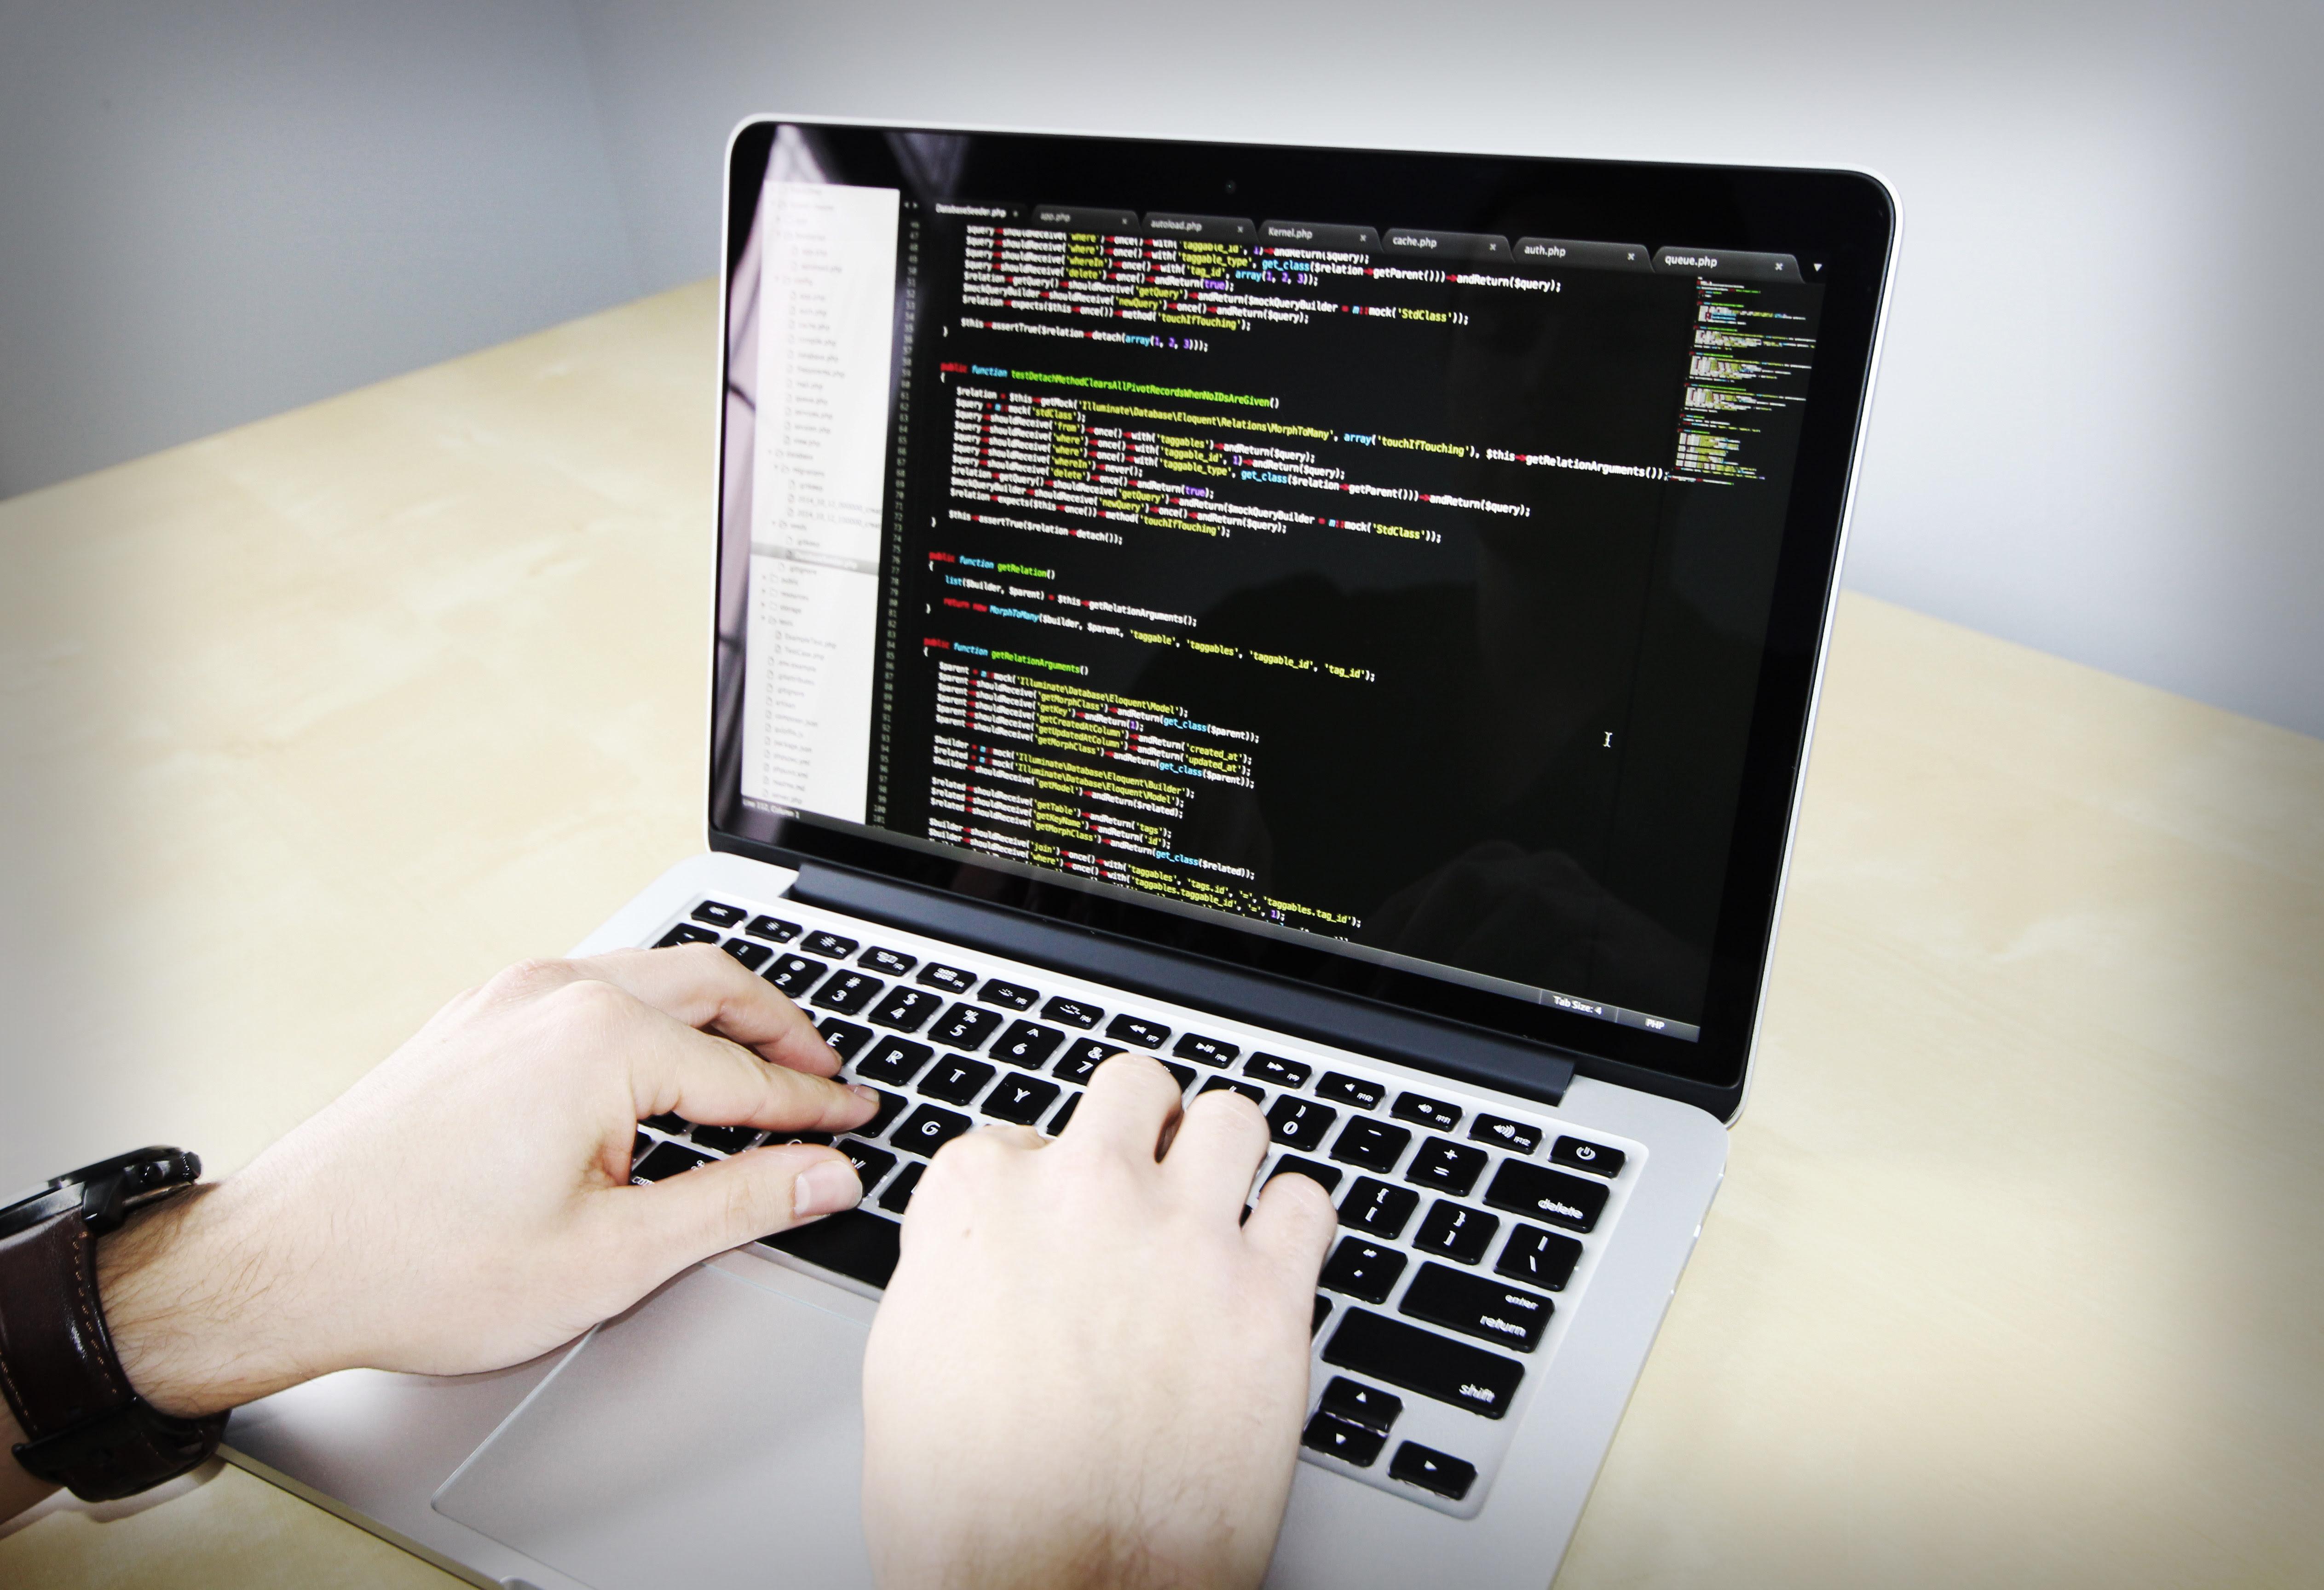 http://www.sagoetunong.id/2016/03/apa-yang-kamu-ketahui-tentang-software-engineer.html